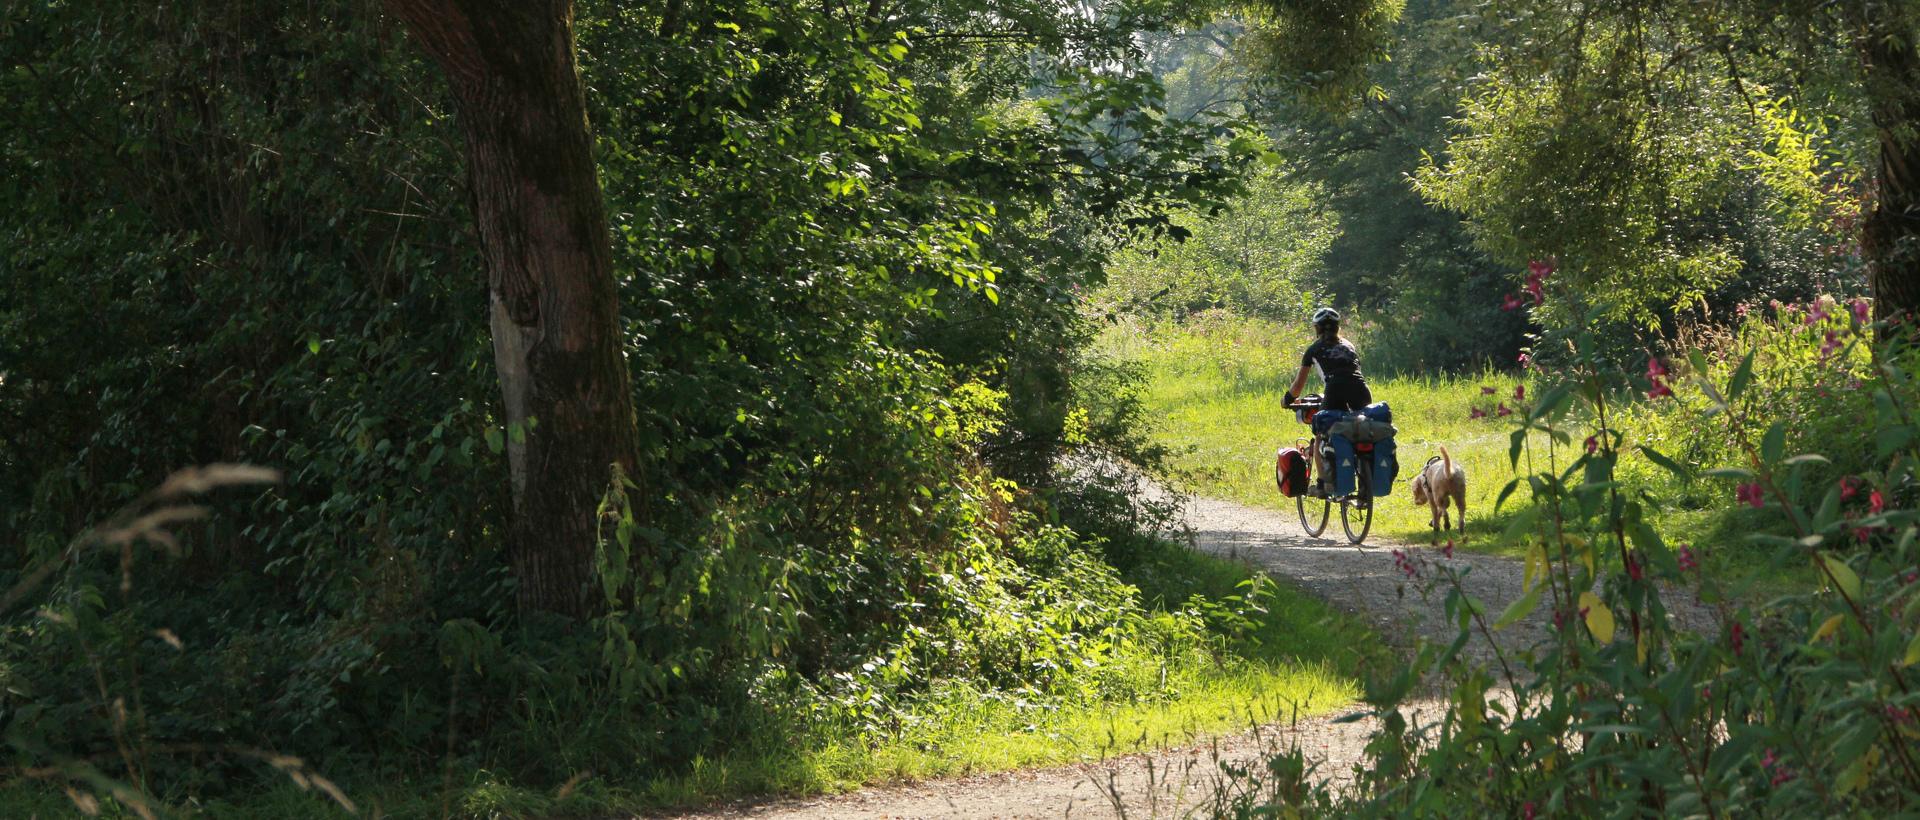 Radfahrerin mit Hund auf dem Jakobus-Pilgerradweg © Allgäu GmbH, Gerhard Eisenschink